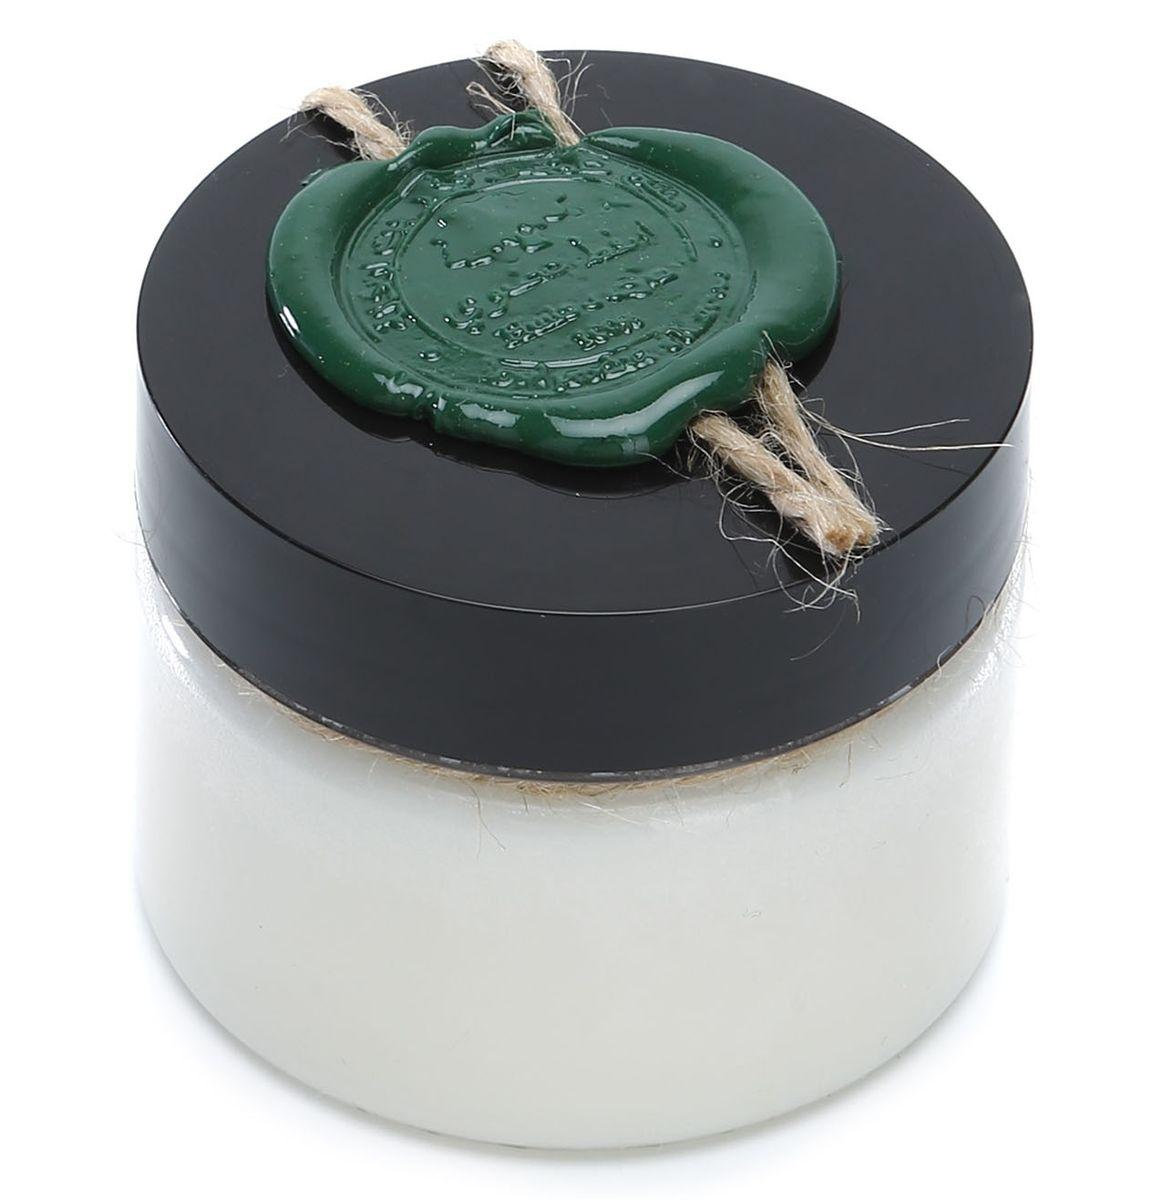 Huilargan Манго масло, 100% органическое, 100 г 2990000005335